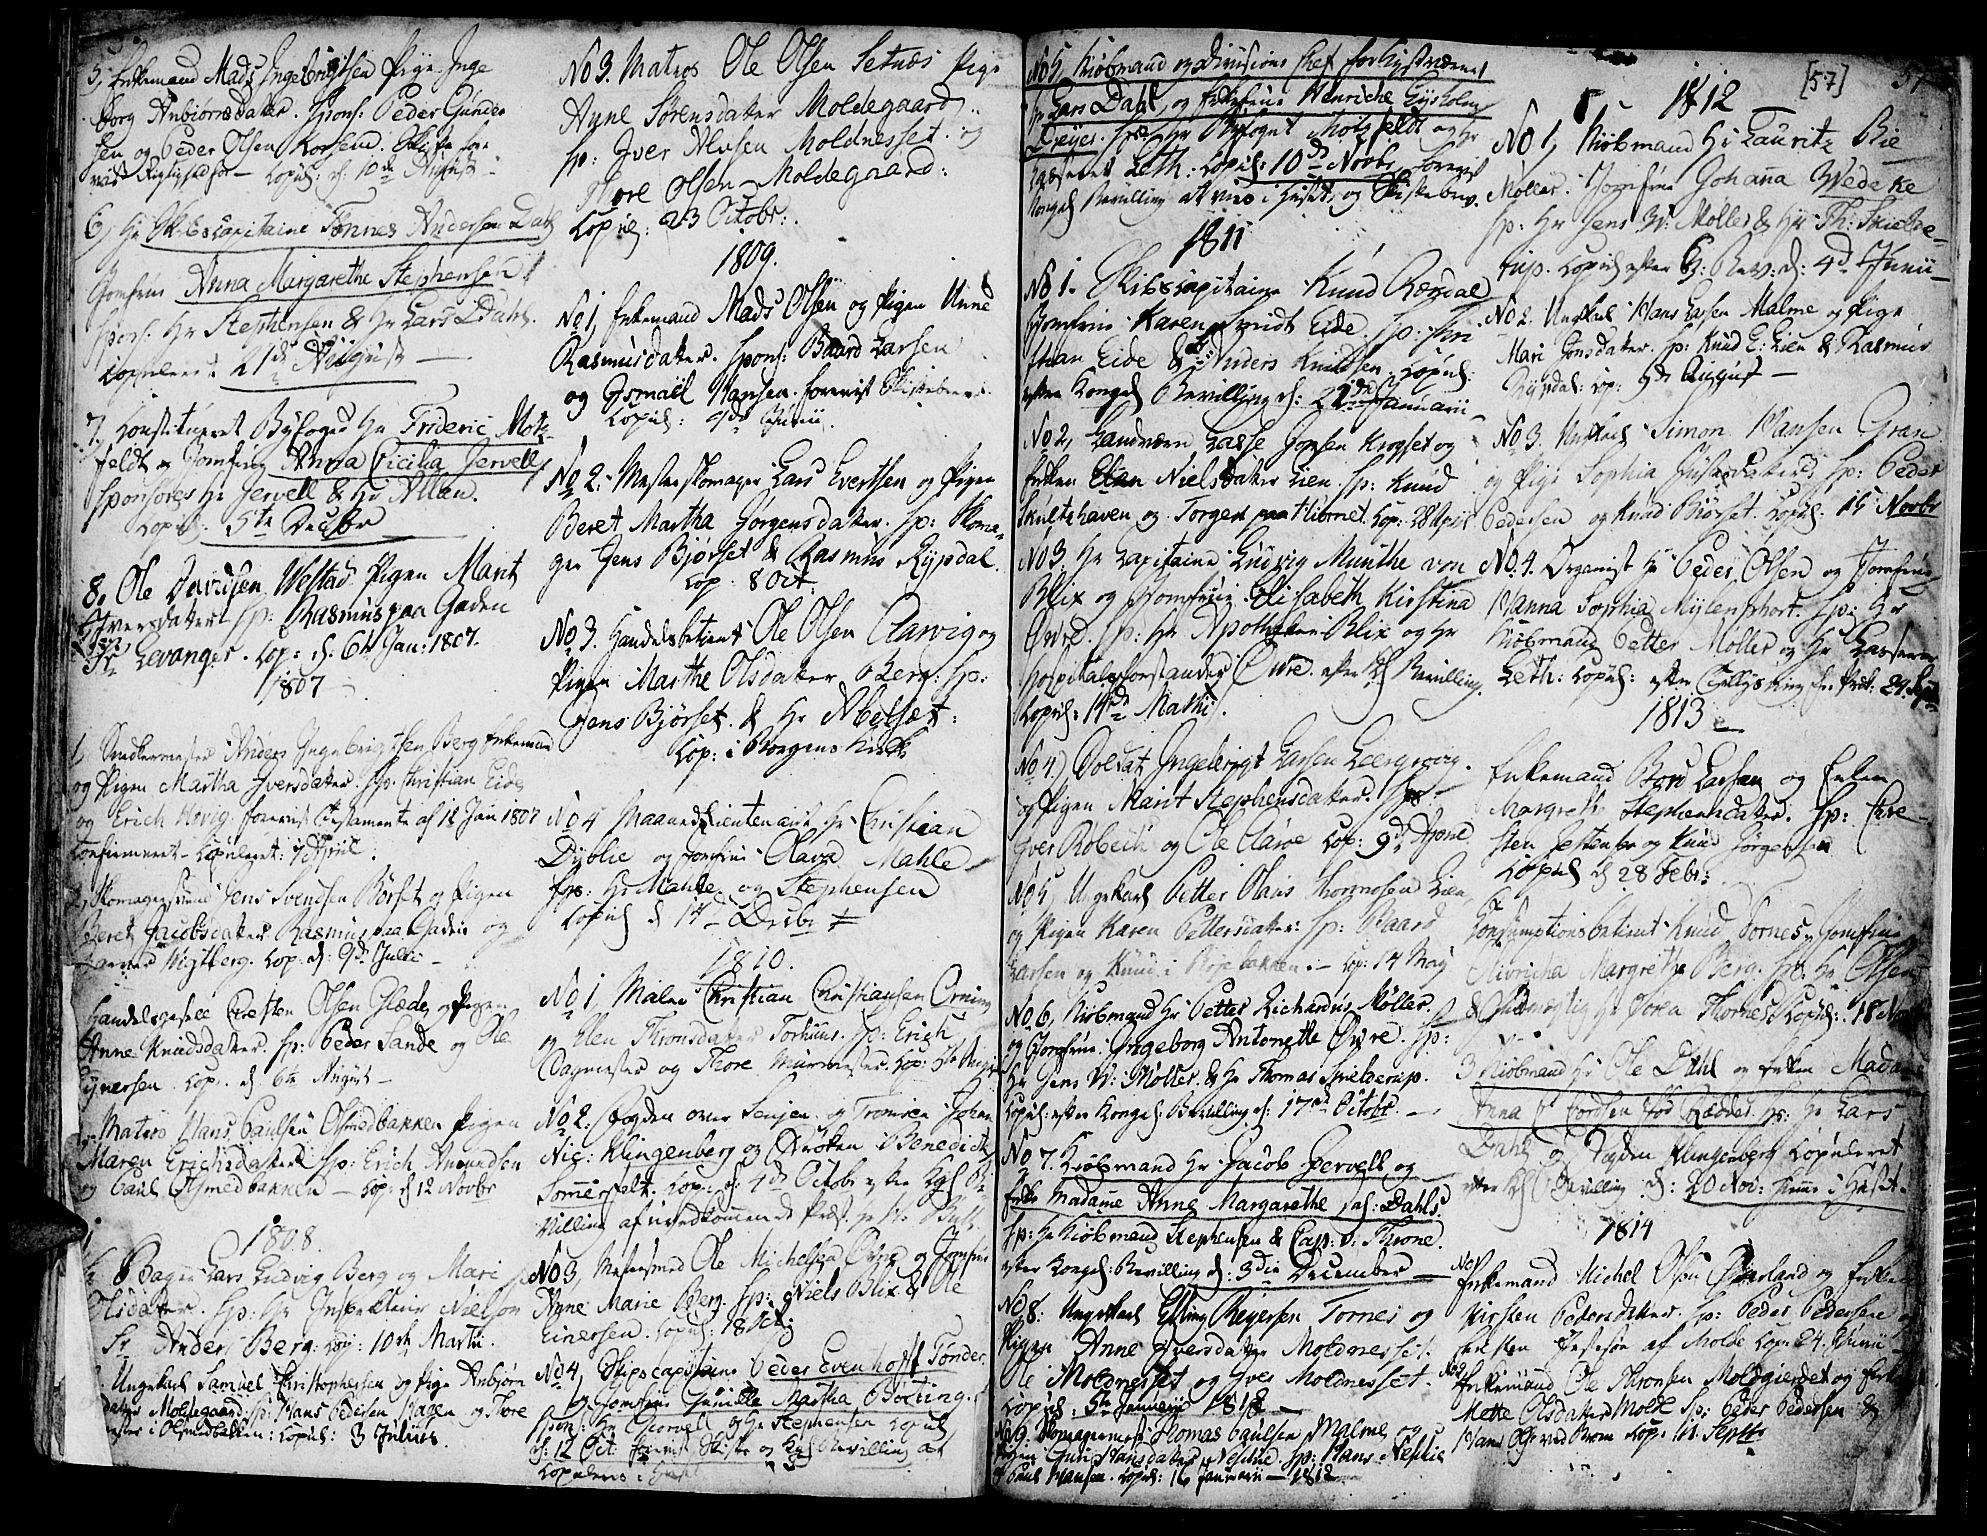 SAT, Ministerialprotokoller, klokkerbøker og fødselsregistre - Møre og Romsdal, 558/L0687: Parish register (official) no. 558A01, 1798-1818, p. 57